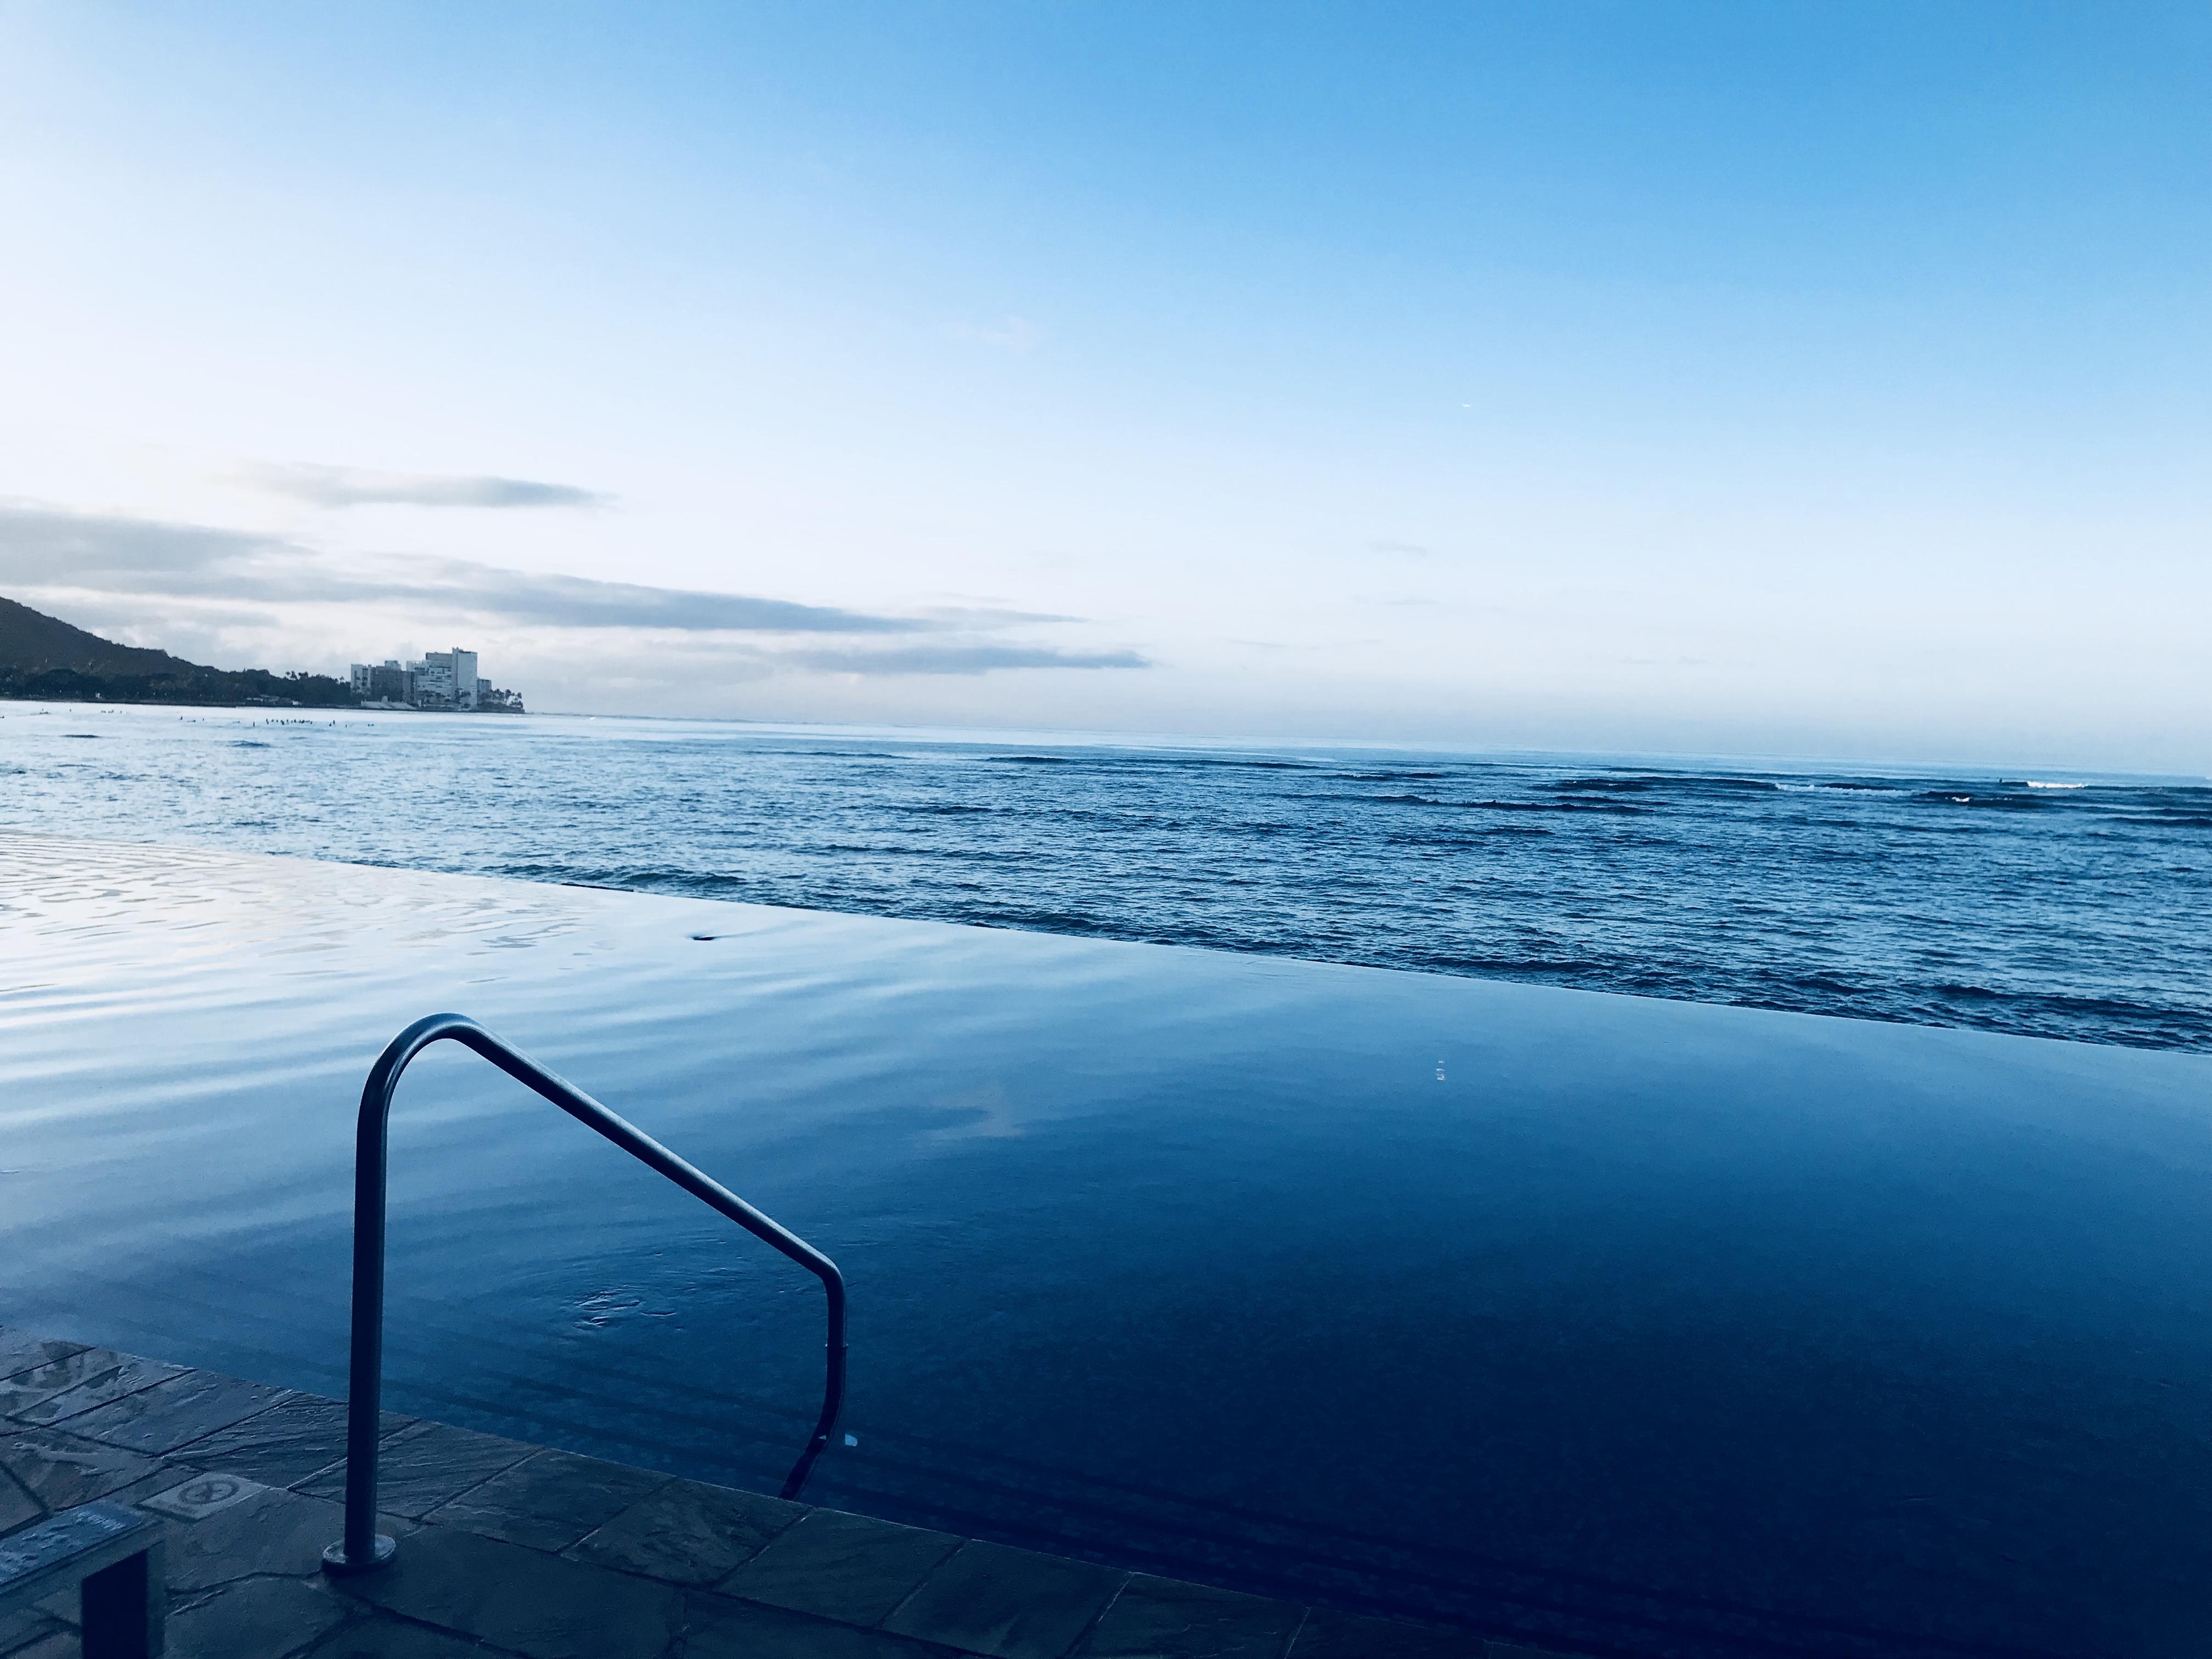 【ハワイ③】シェラトンワイキキ人気の秘密(海・ショッピング・アクセス・設備について)